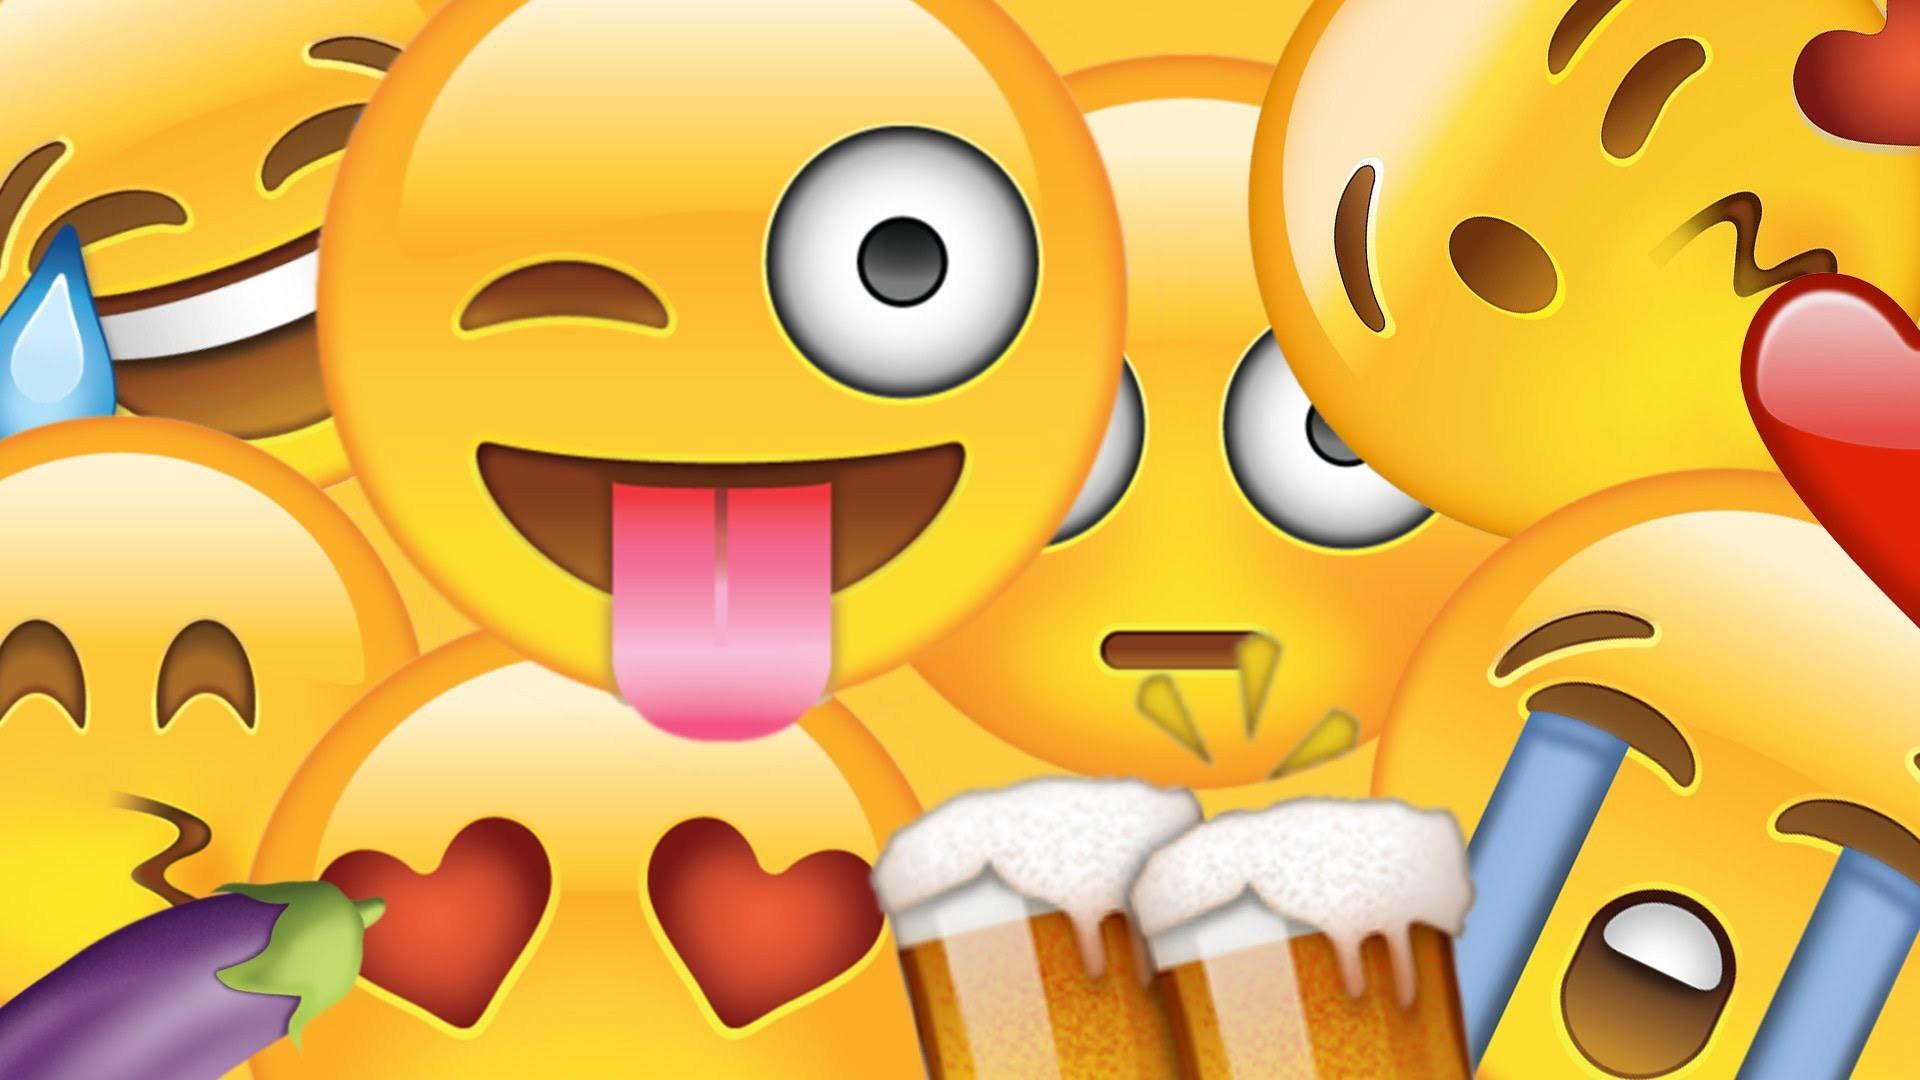 1920x1080 Emoji Wallpaper HD